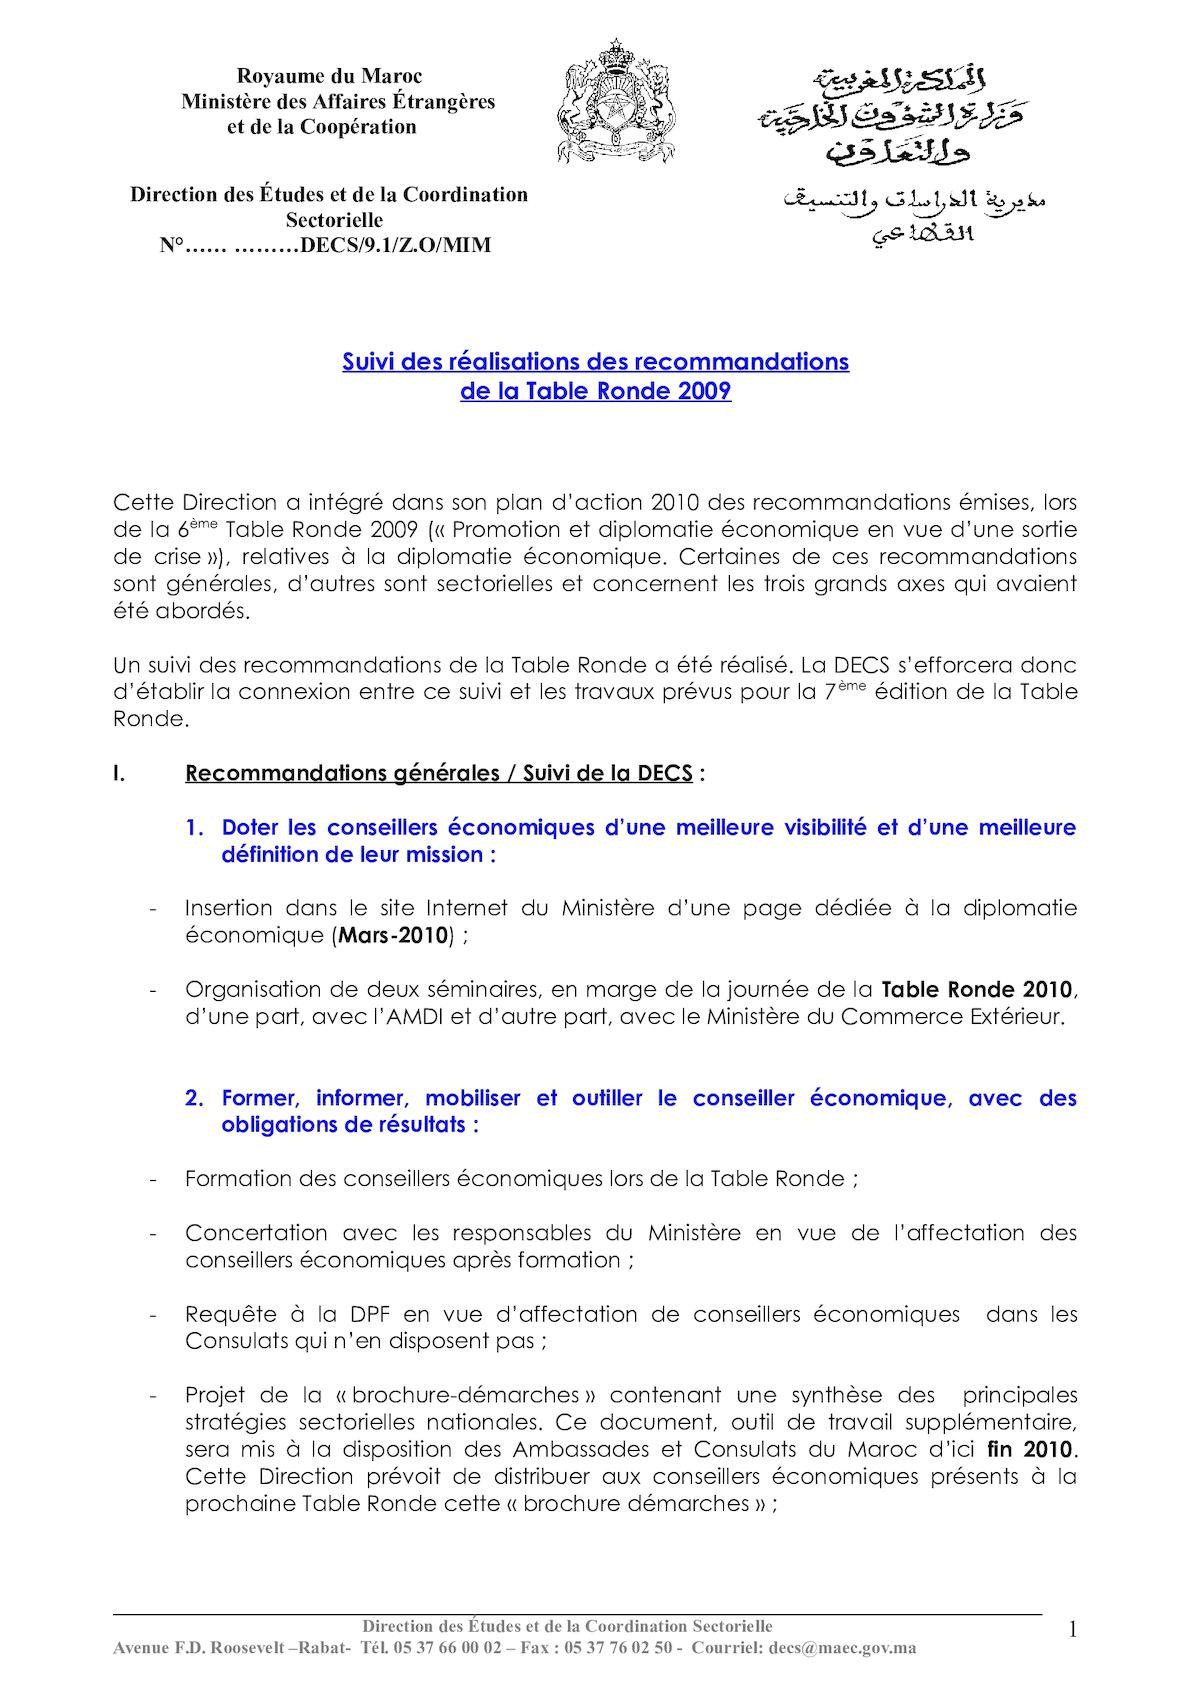 Suivi De La Table Ronde (version Au 12 11 2010).